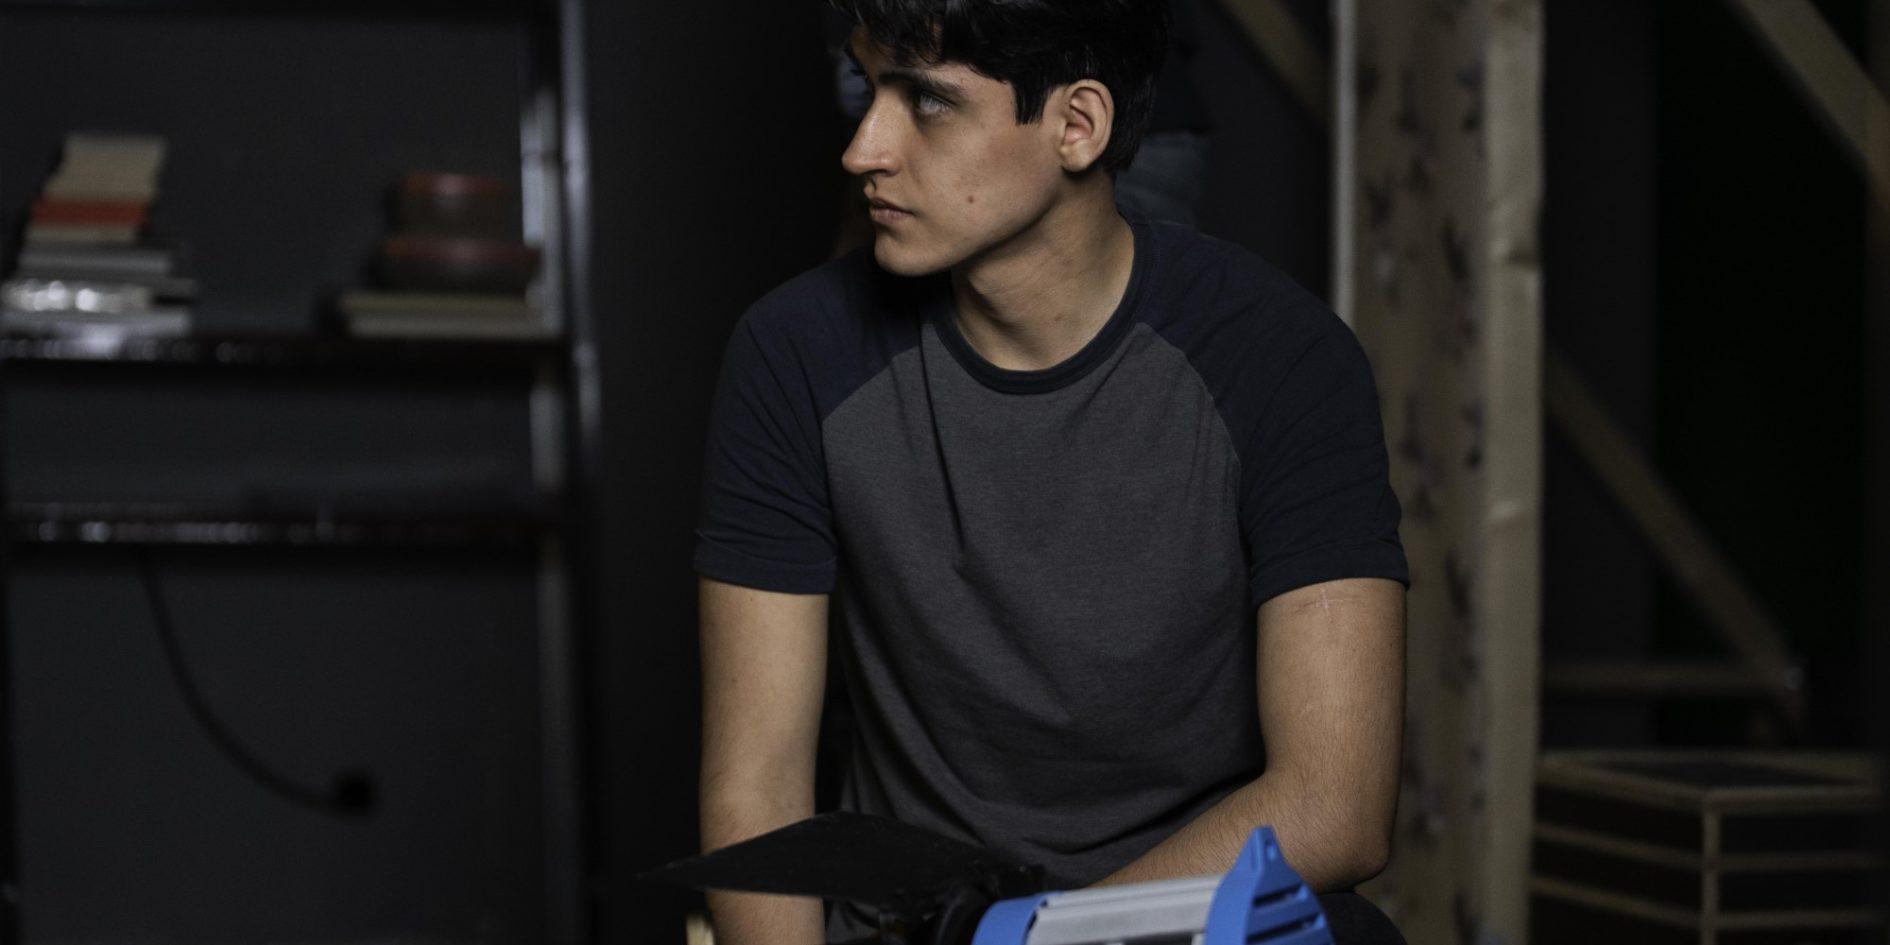 Quelques Minutes Apres Minuit Juan Antonio Bayona Cinecreatis 67